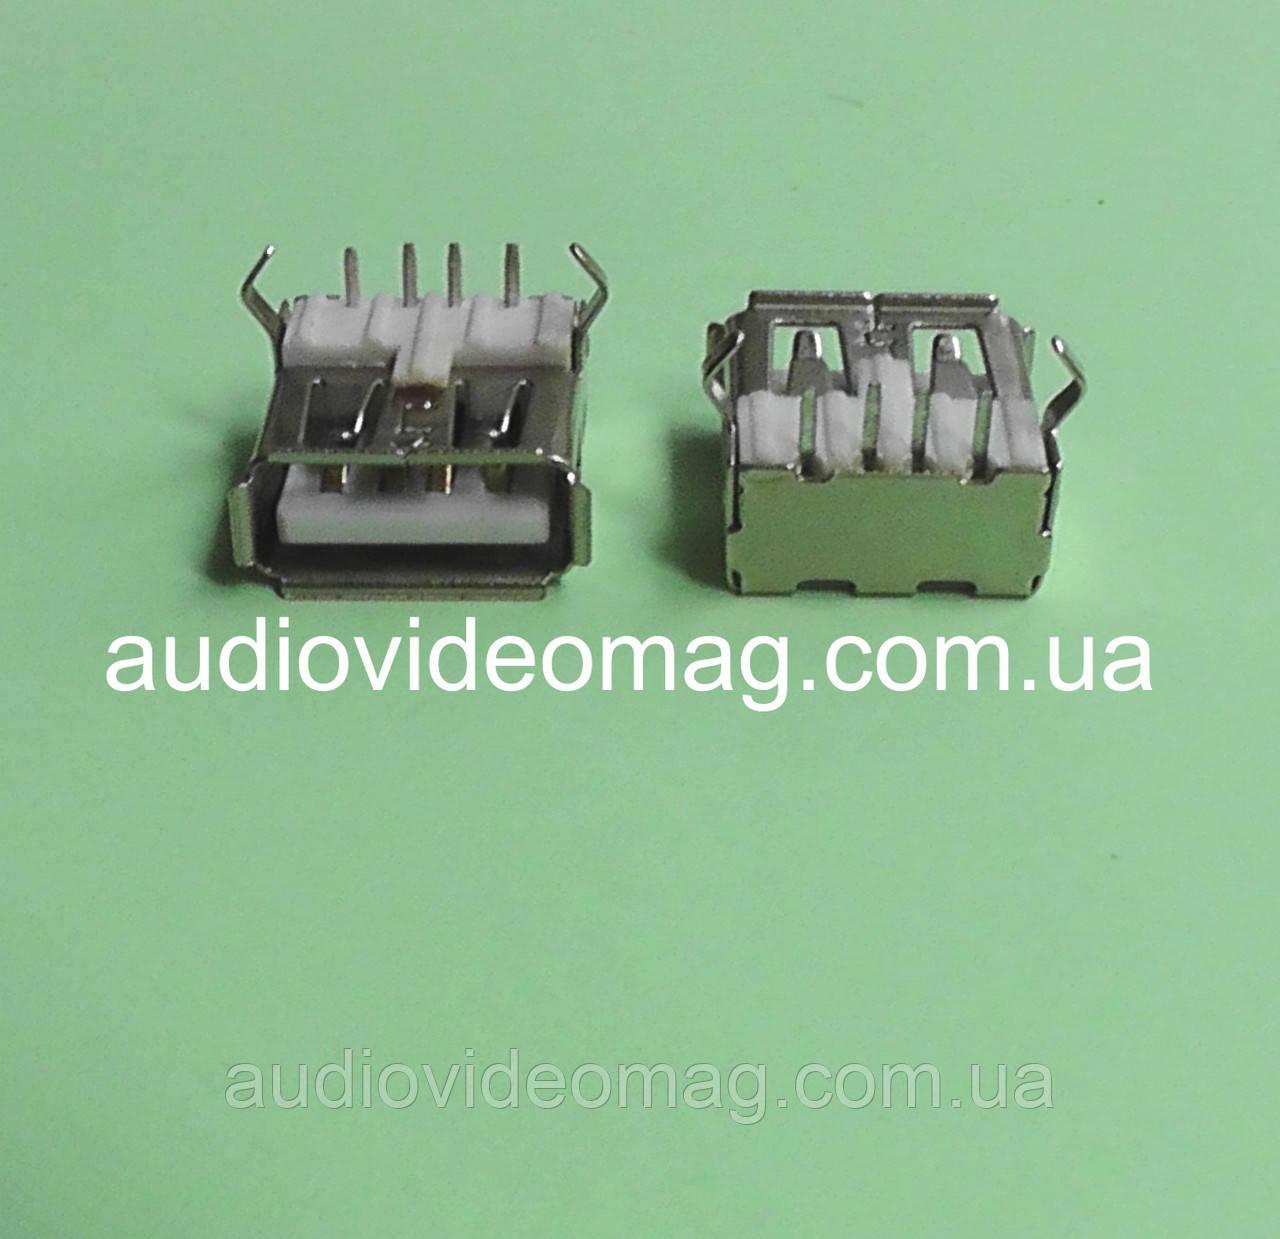 Гнездо USB A с креплениями на плату